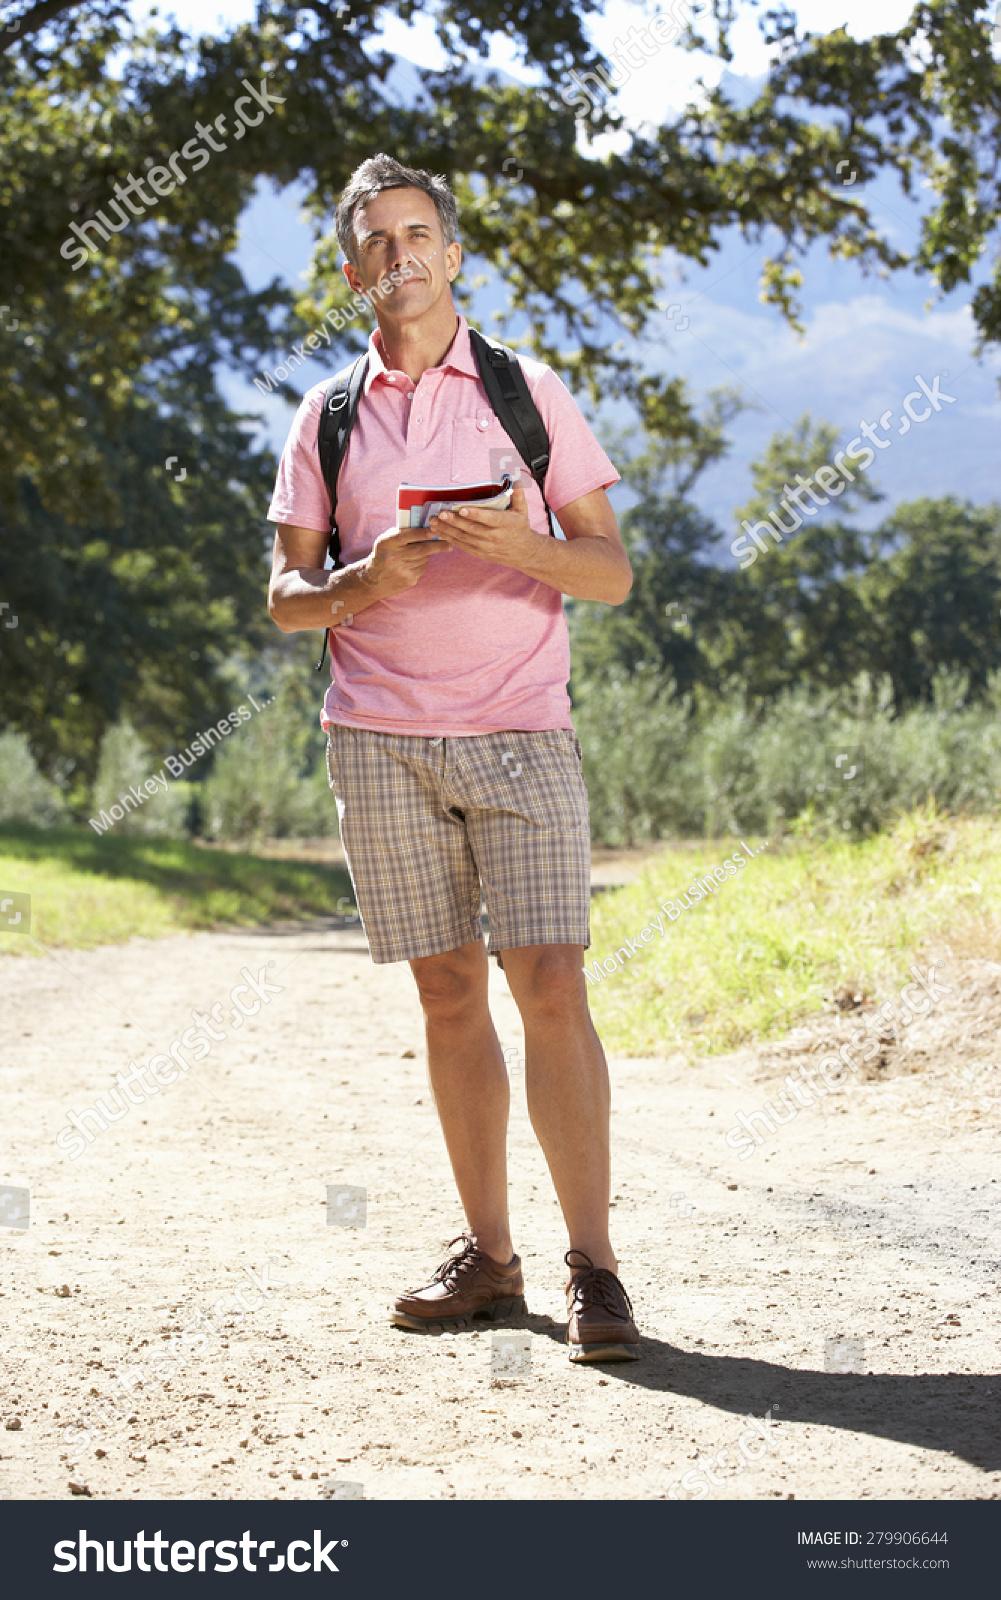 通过农村中年男人徒步旅行